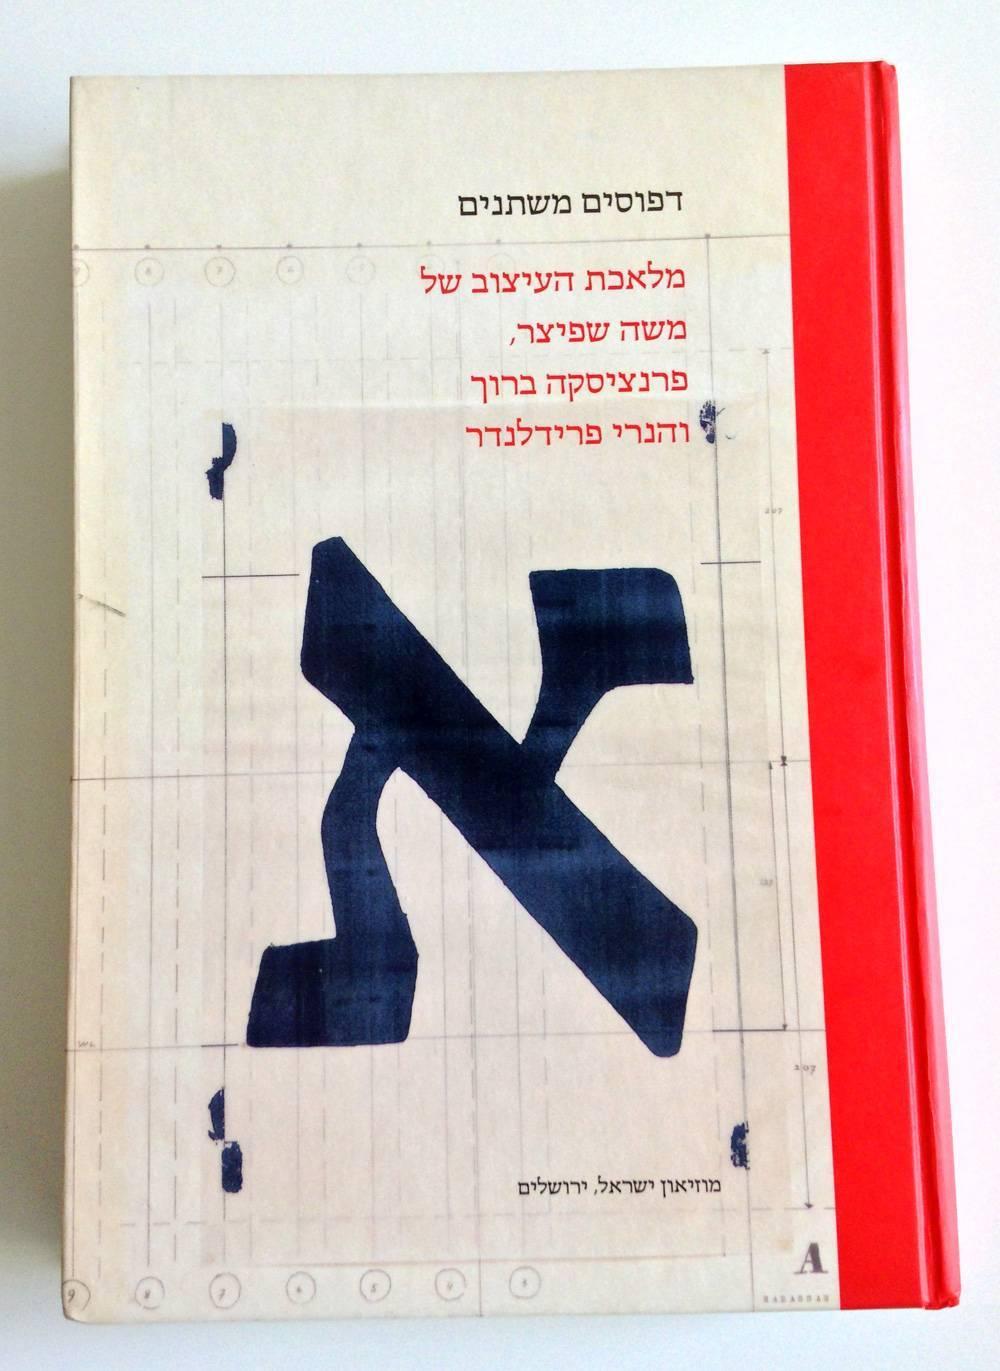 קטלוג התערוכה. עיצוב: מיכאל גורדון